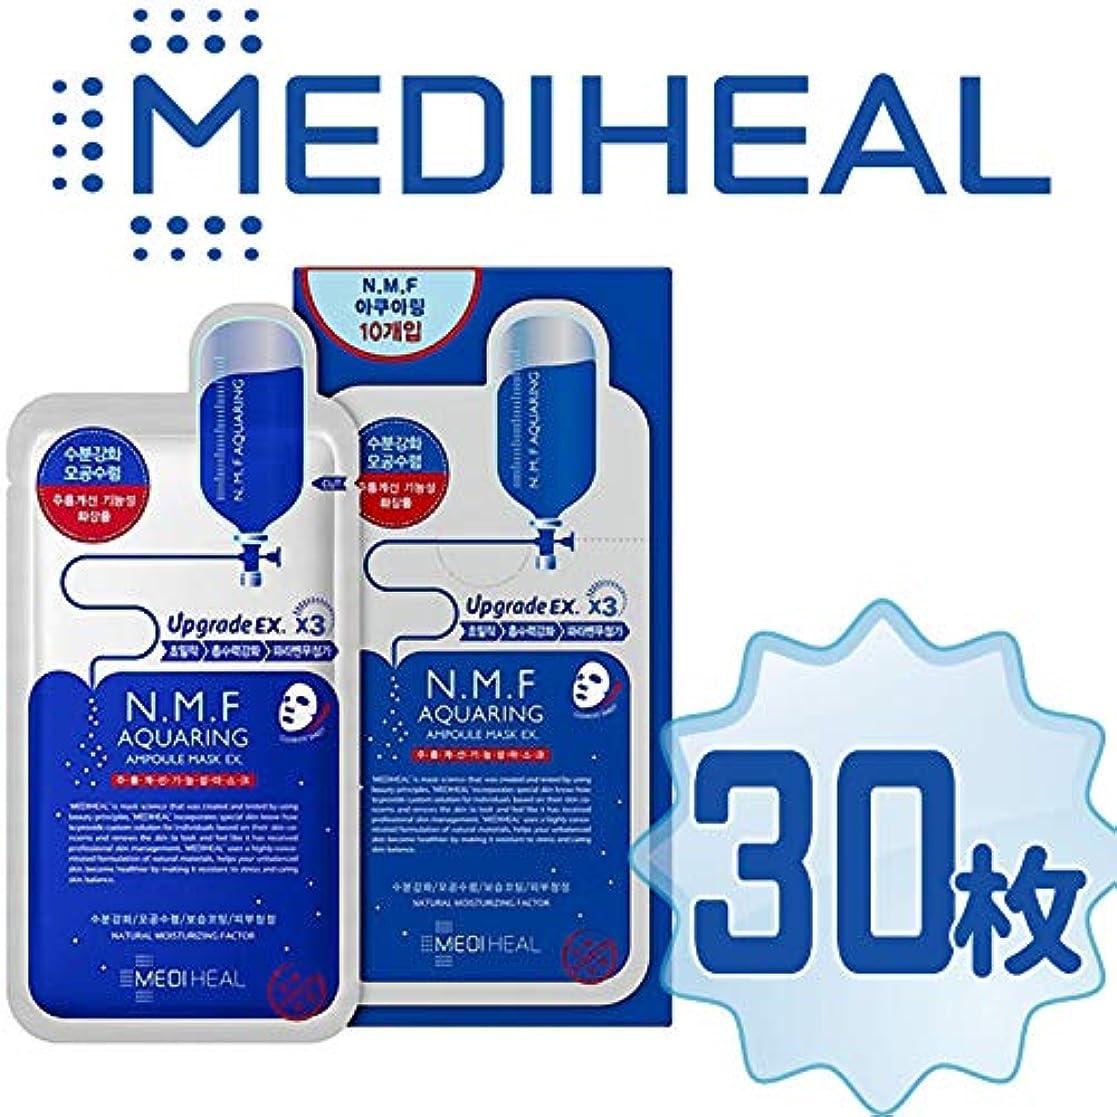 歯痛ストロー思い出させる【正規輸入品】Mediheal メディヒール N.M.F アクアリング アンプル?マスクパックEX 10枚入り×3(Aquaring Ampoule Essential Mask PackEX 1box(10sheet)×3